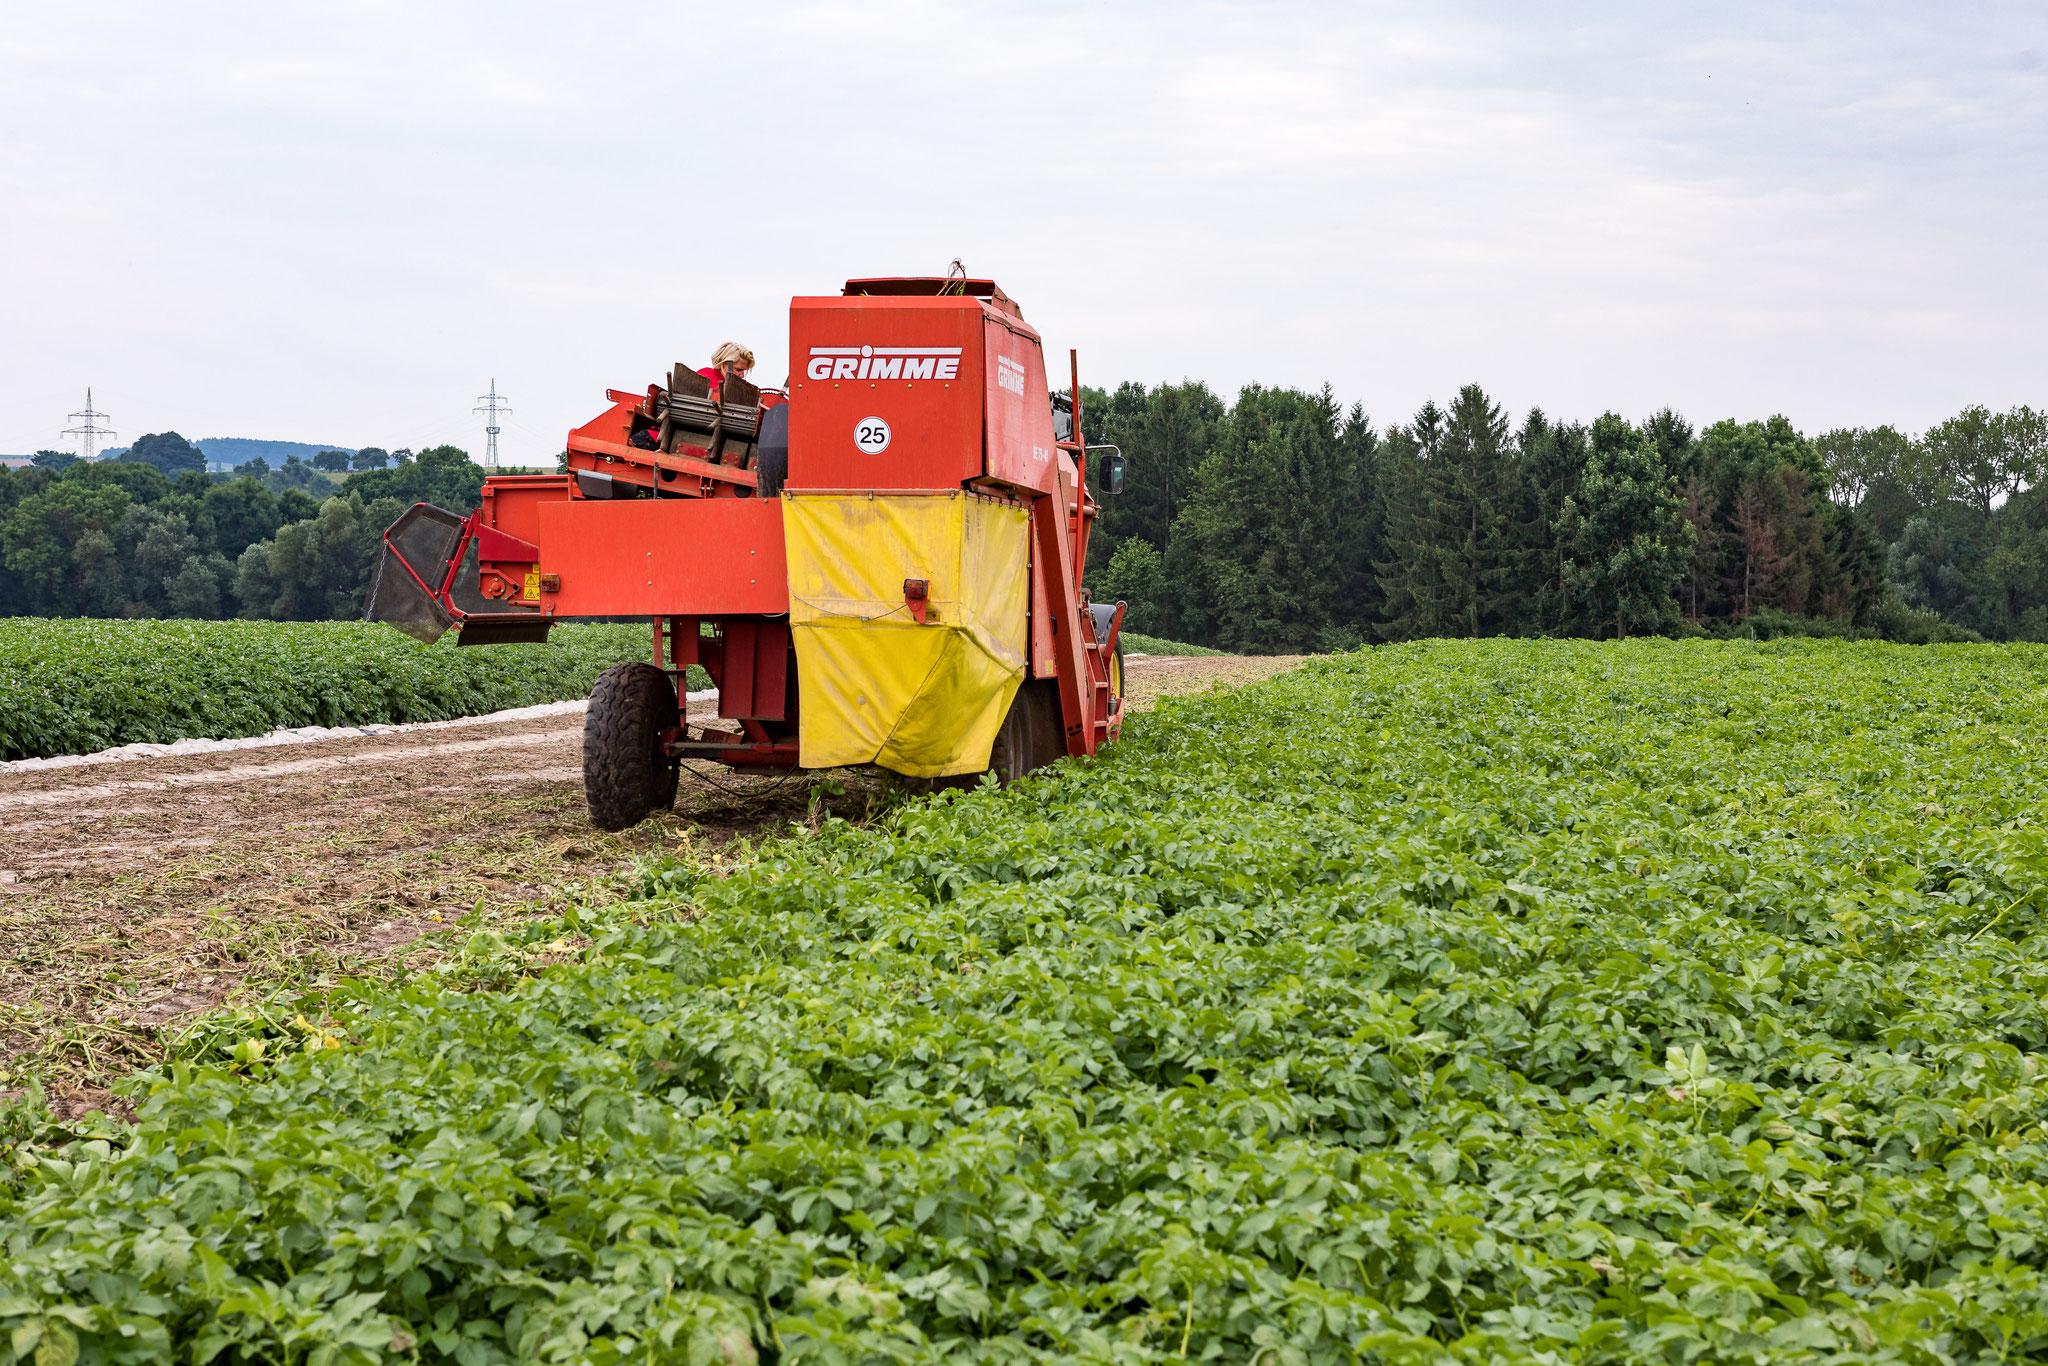 Erde, Steine und das Kartoffelkraut fallen hinten aus dem Kartoffelroder wieder auf das Feld.